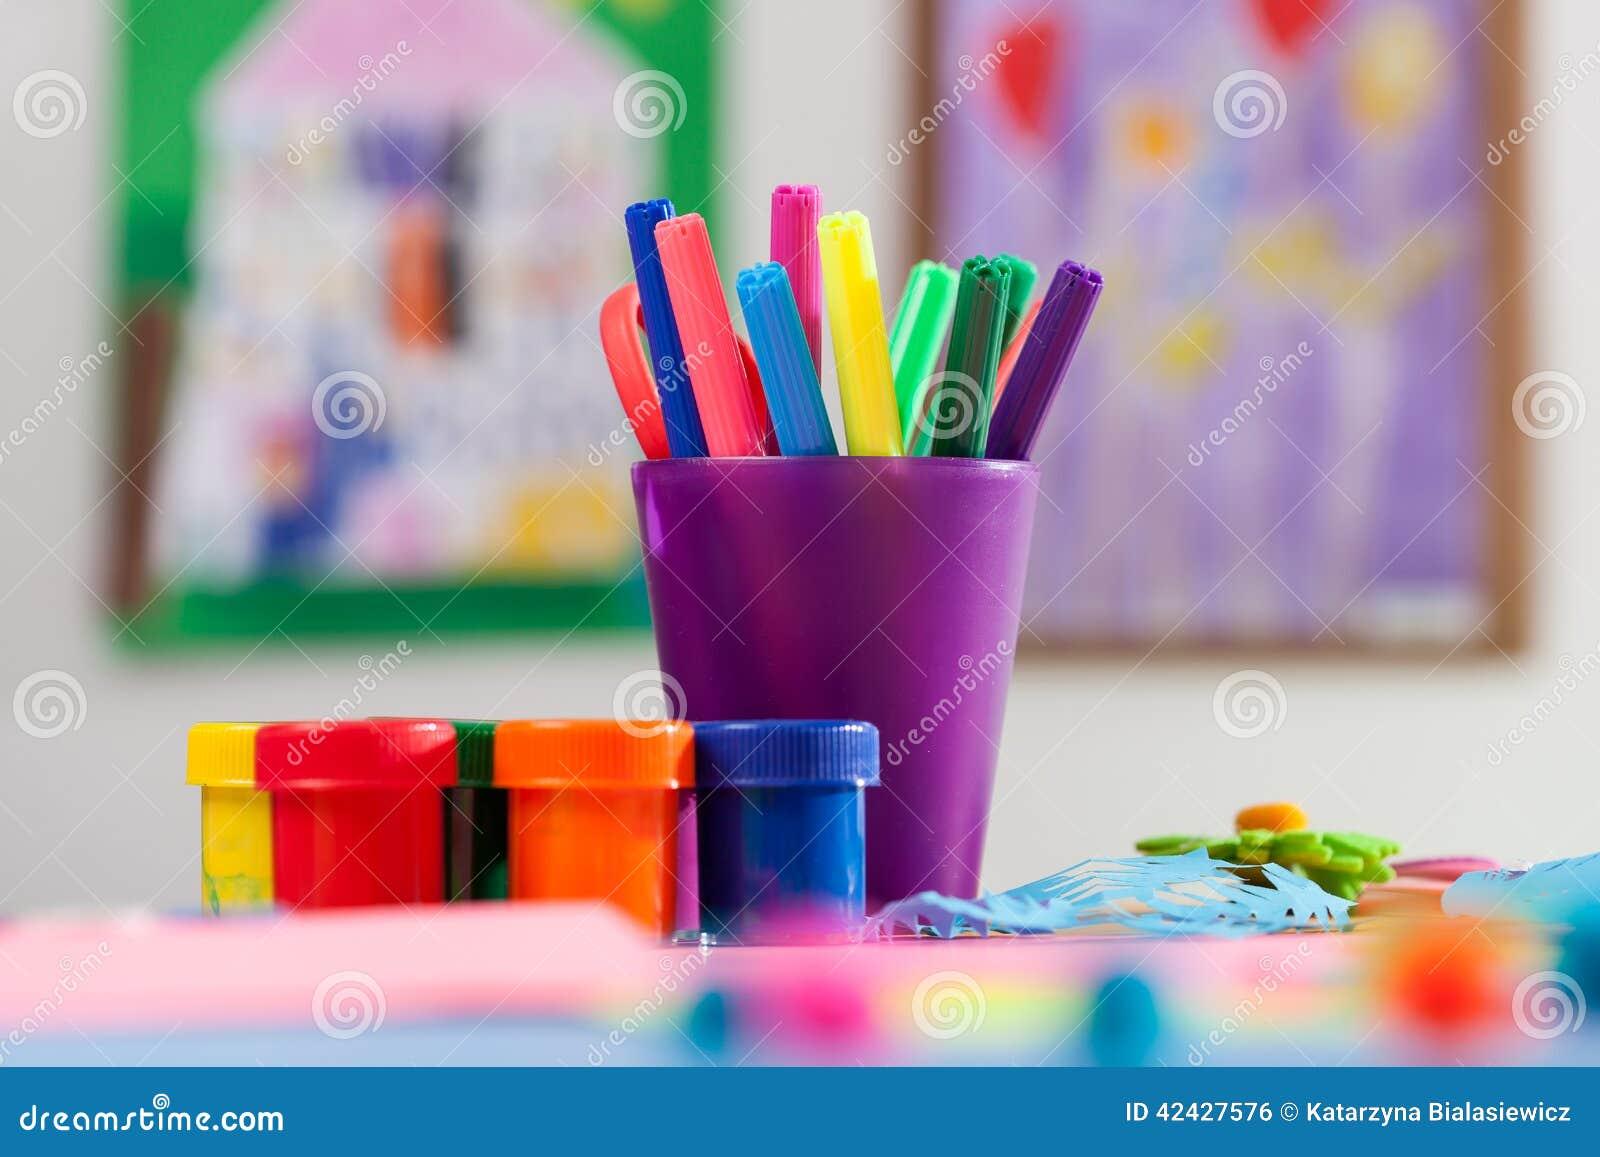 Marcadores y pintura coloreados